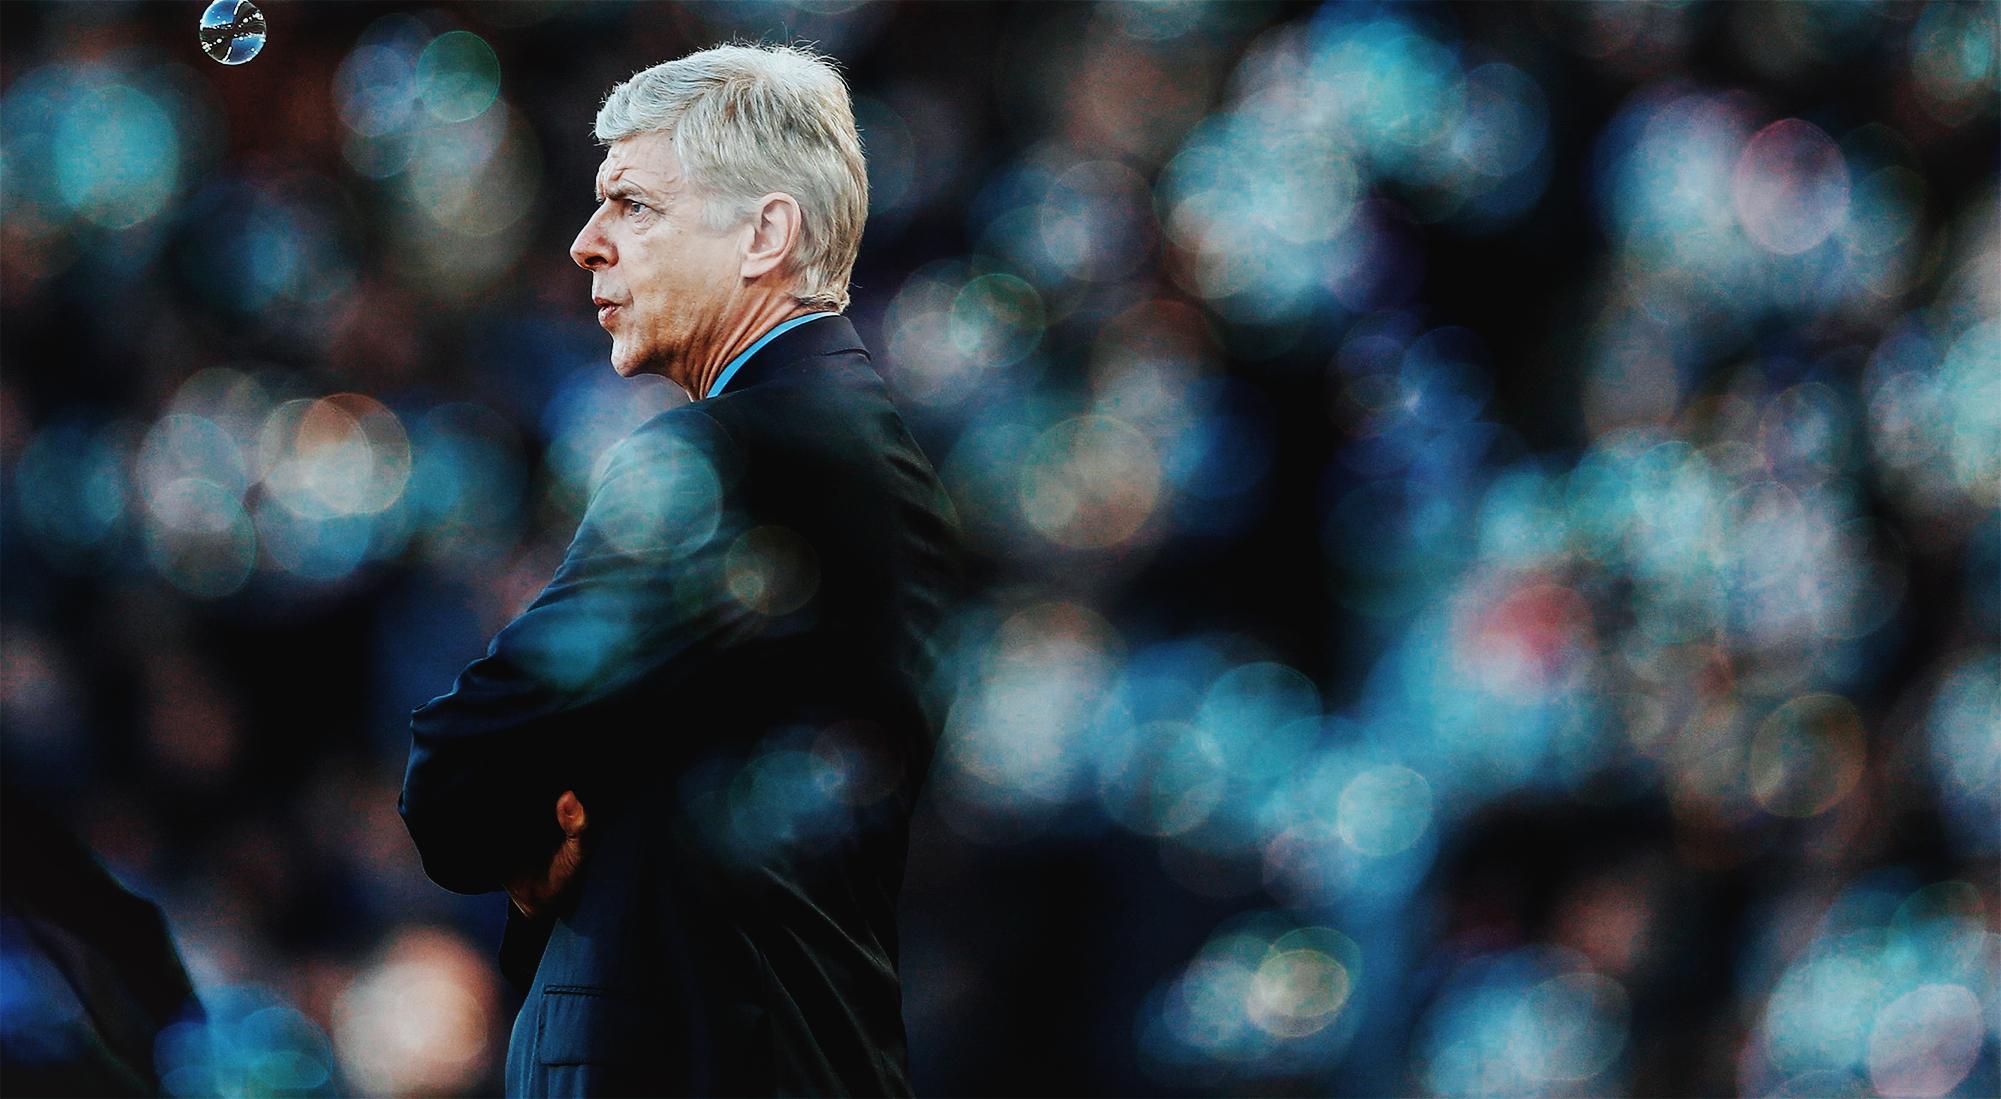 Cặp mắt xanh ngày ấy của Wenger nhấn chìm Arsenal vào kỷ nguyên ăn mày dĩ vãng - Ảnh 15.